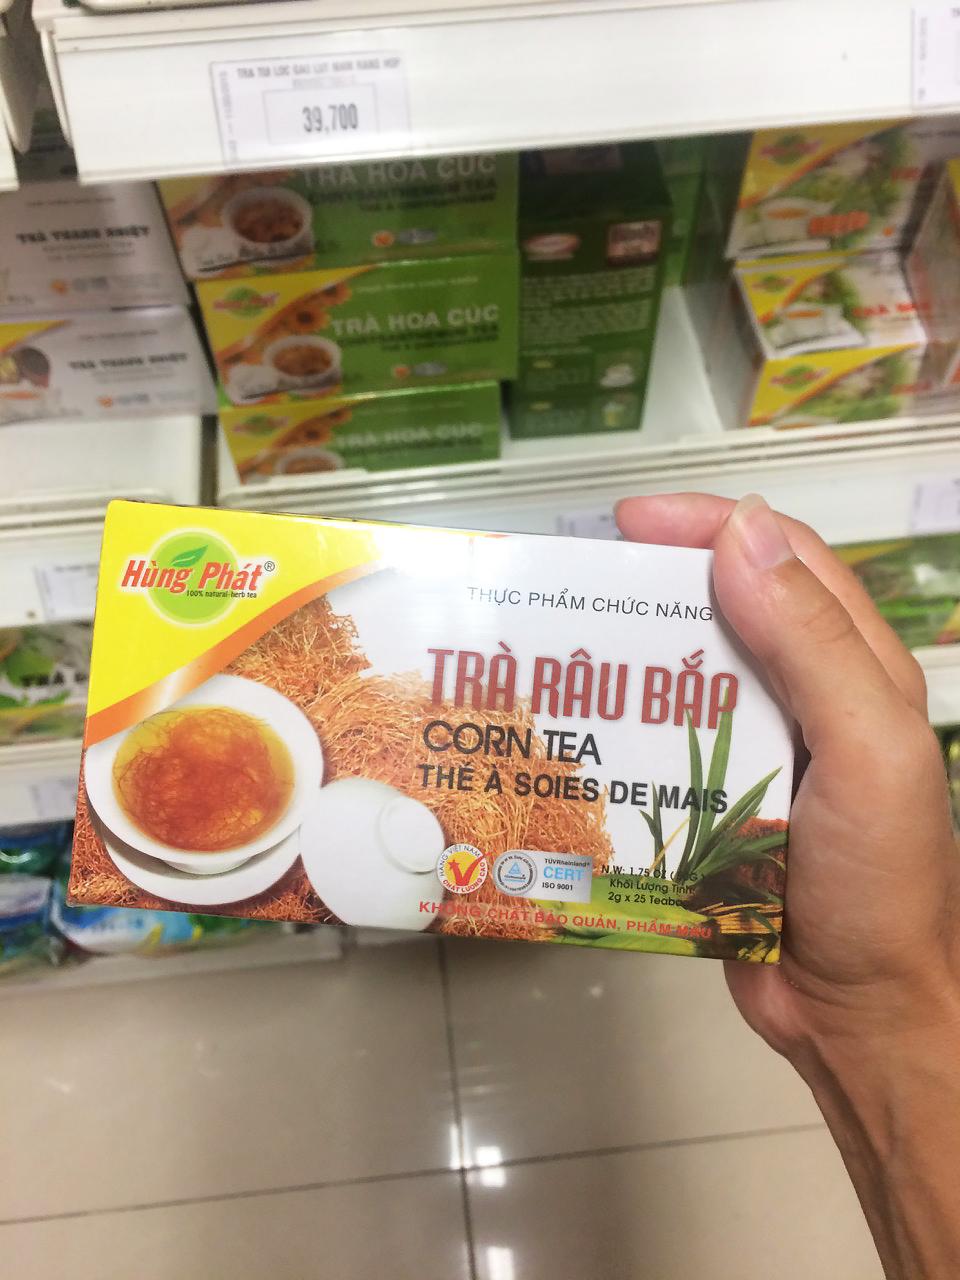 Подборка забавных азиатских продуктов: чай из кукурузных волокон